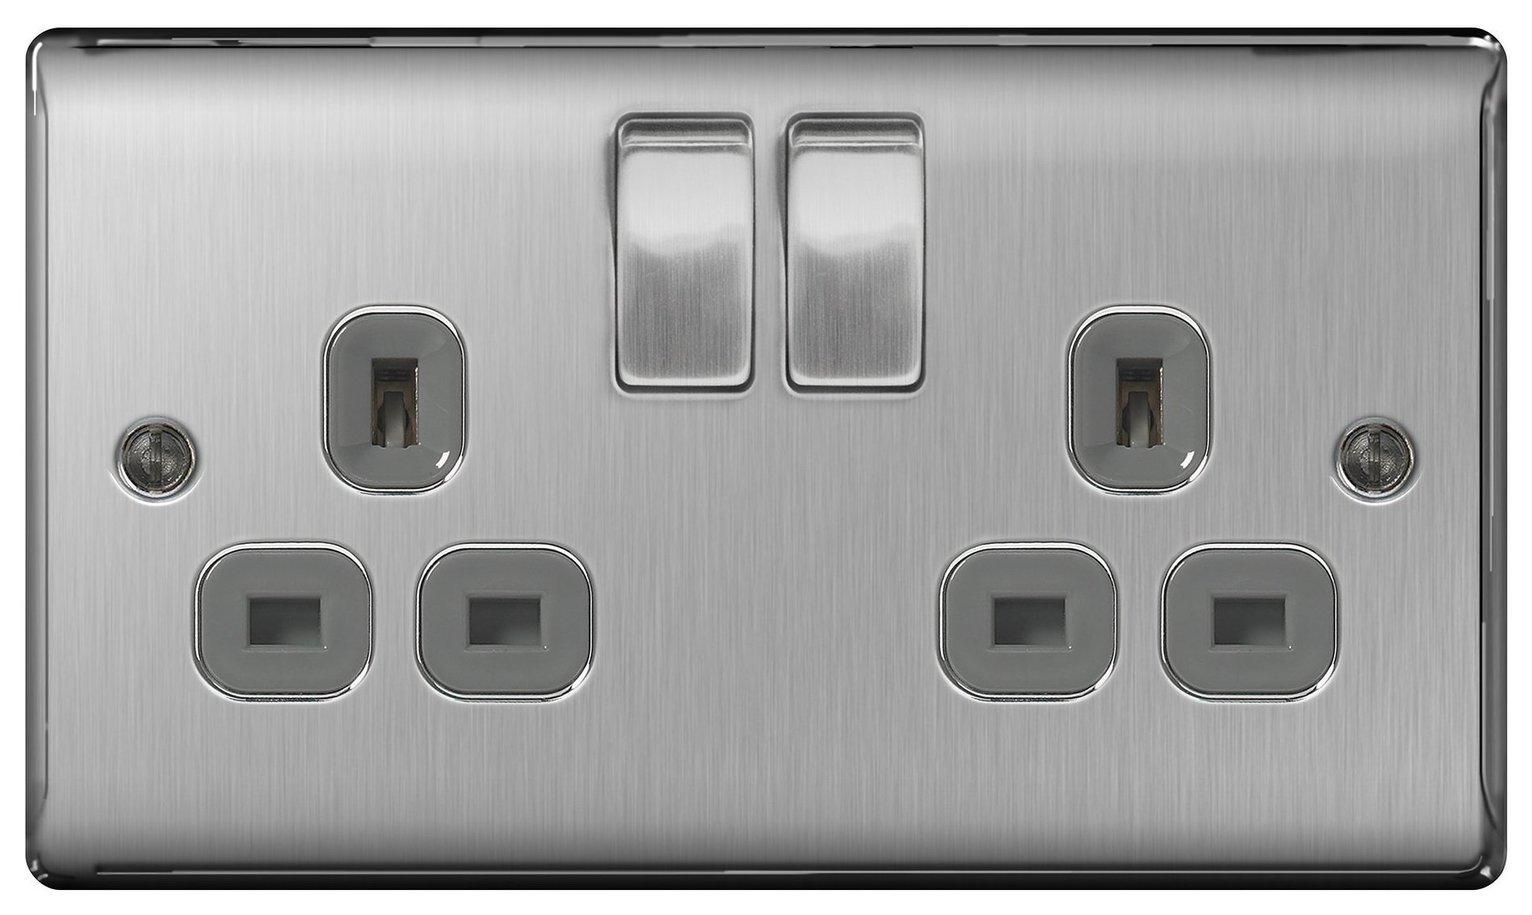 BG 2 Gang Sockets - Brushed Stainless Steel